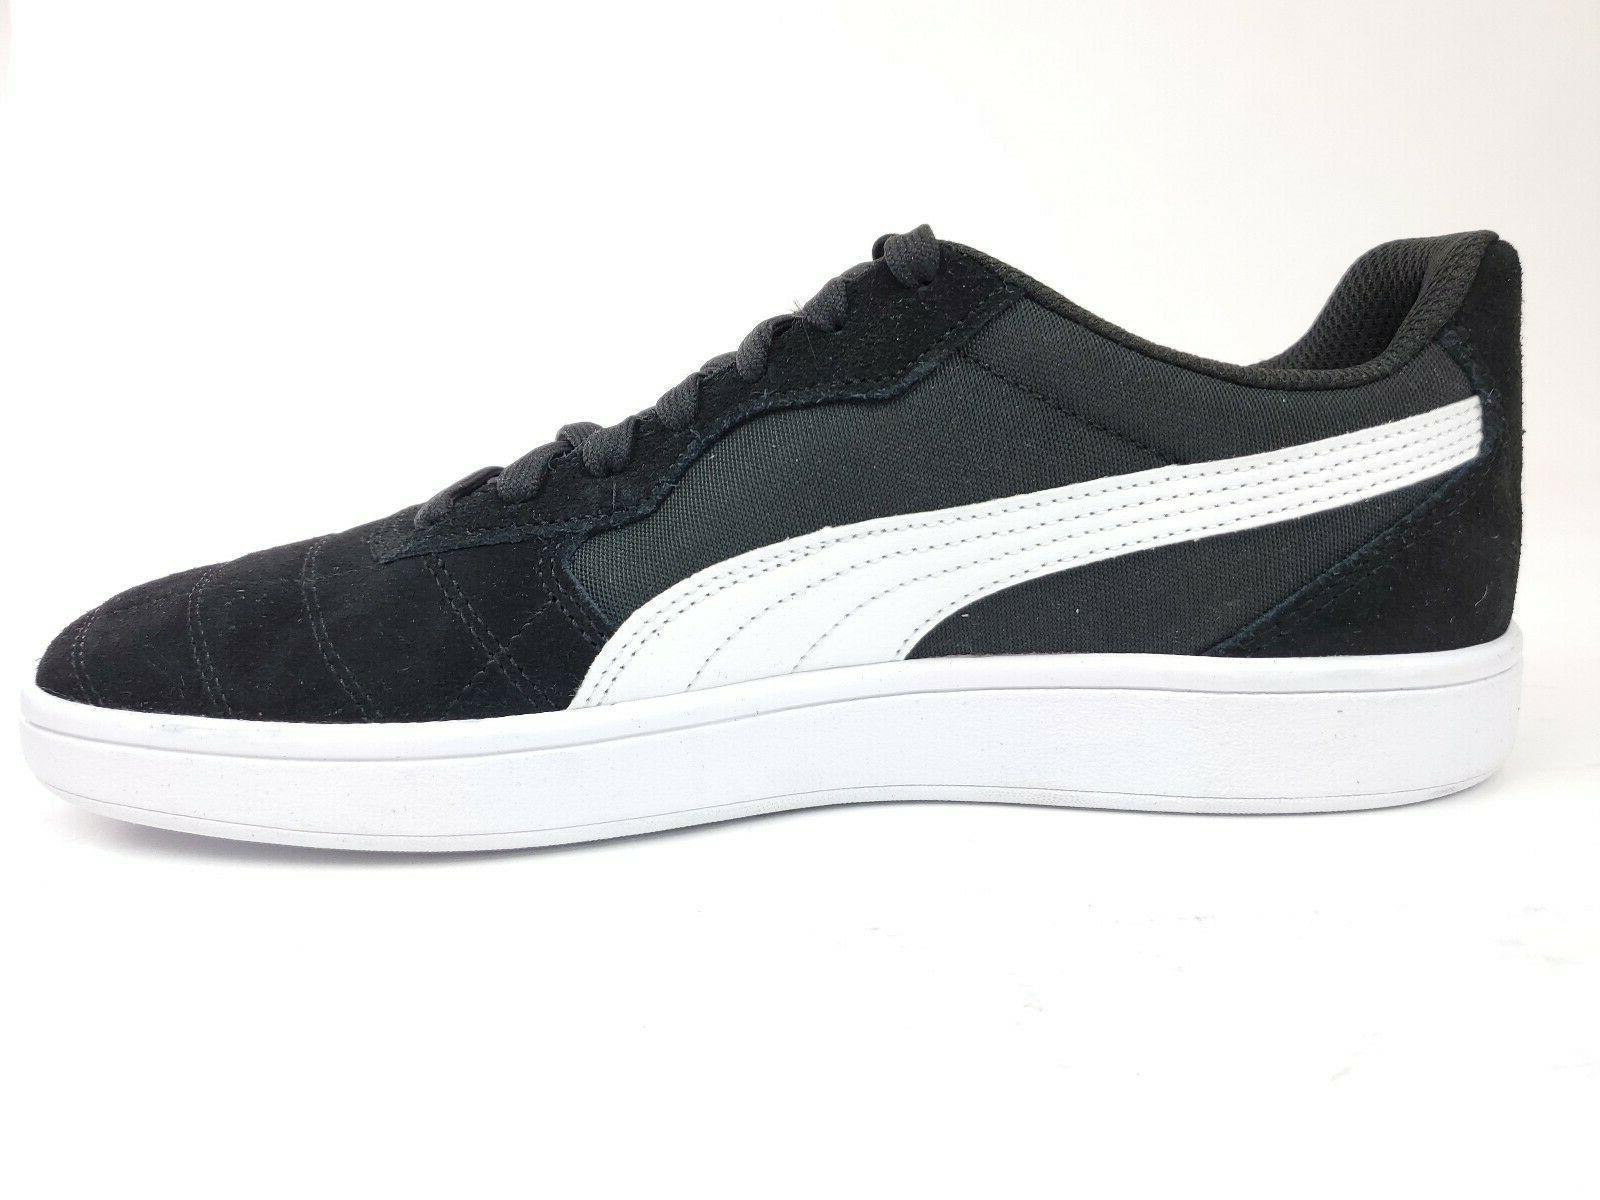 PUMA Kick Men's Sneakers Men Shoe Basics Size 9